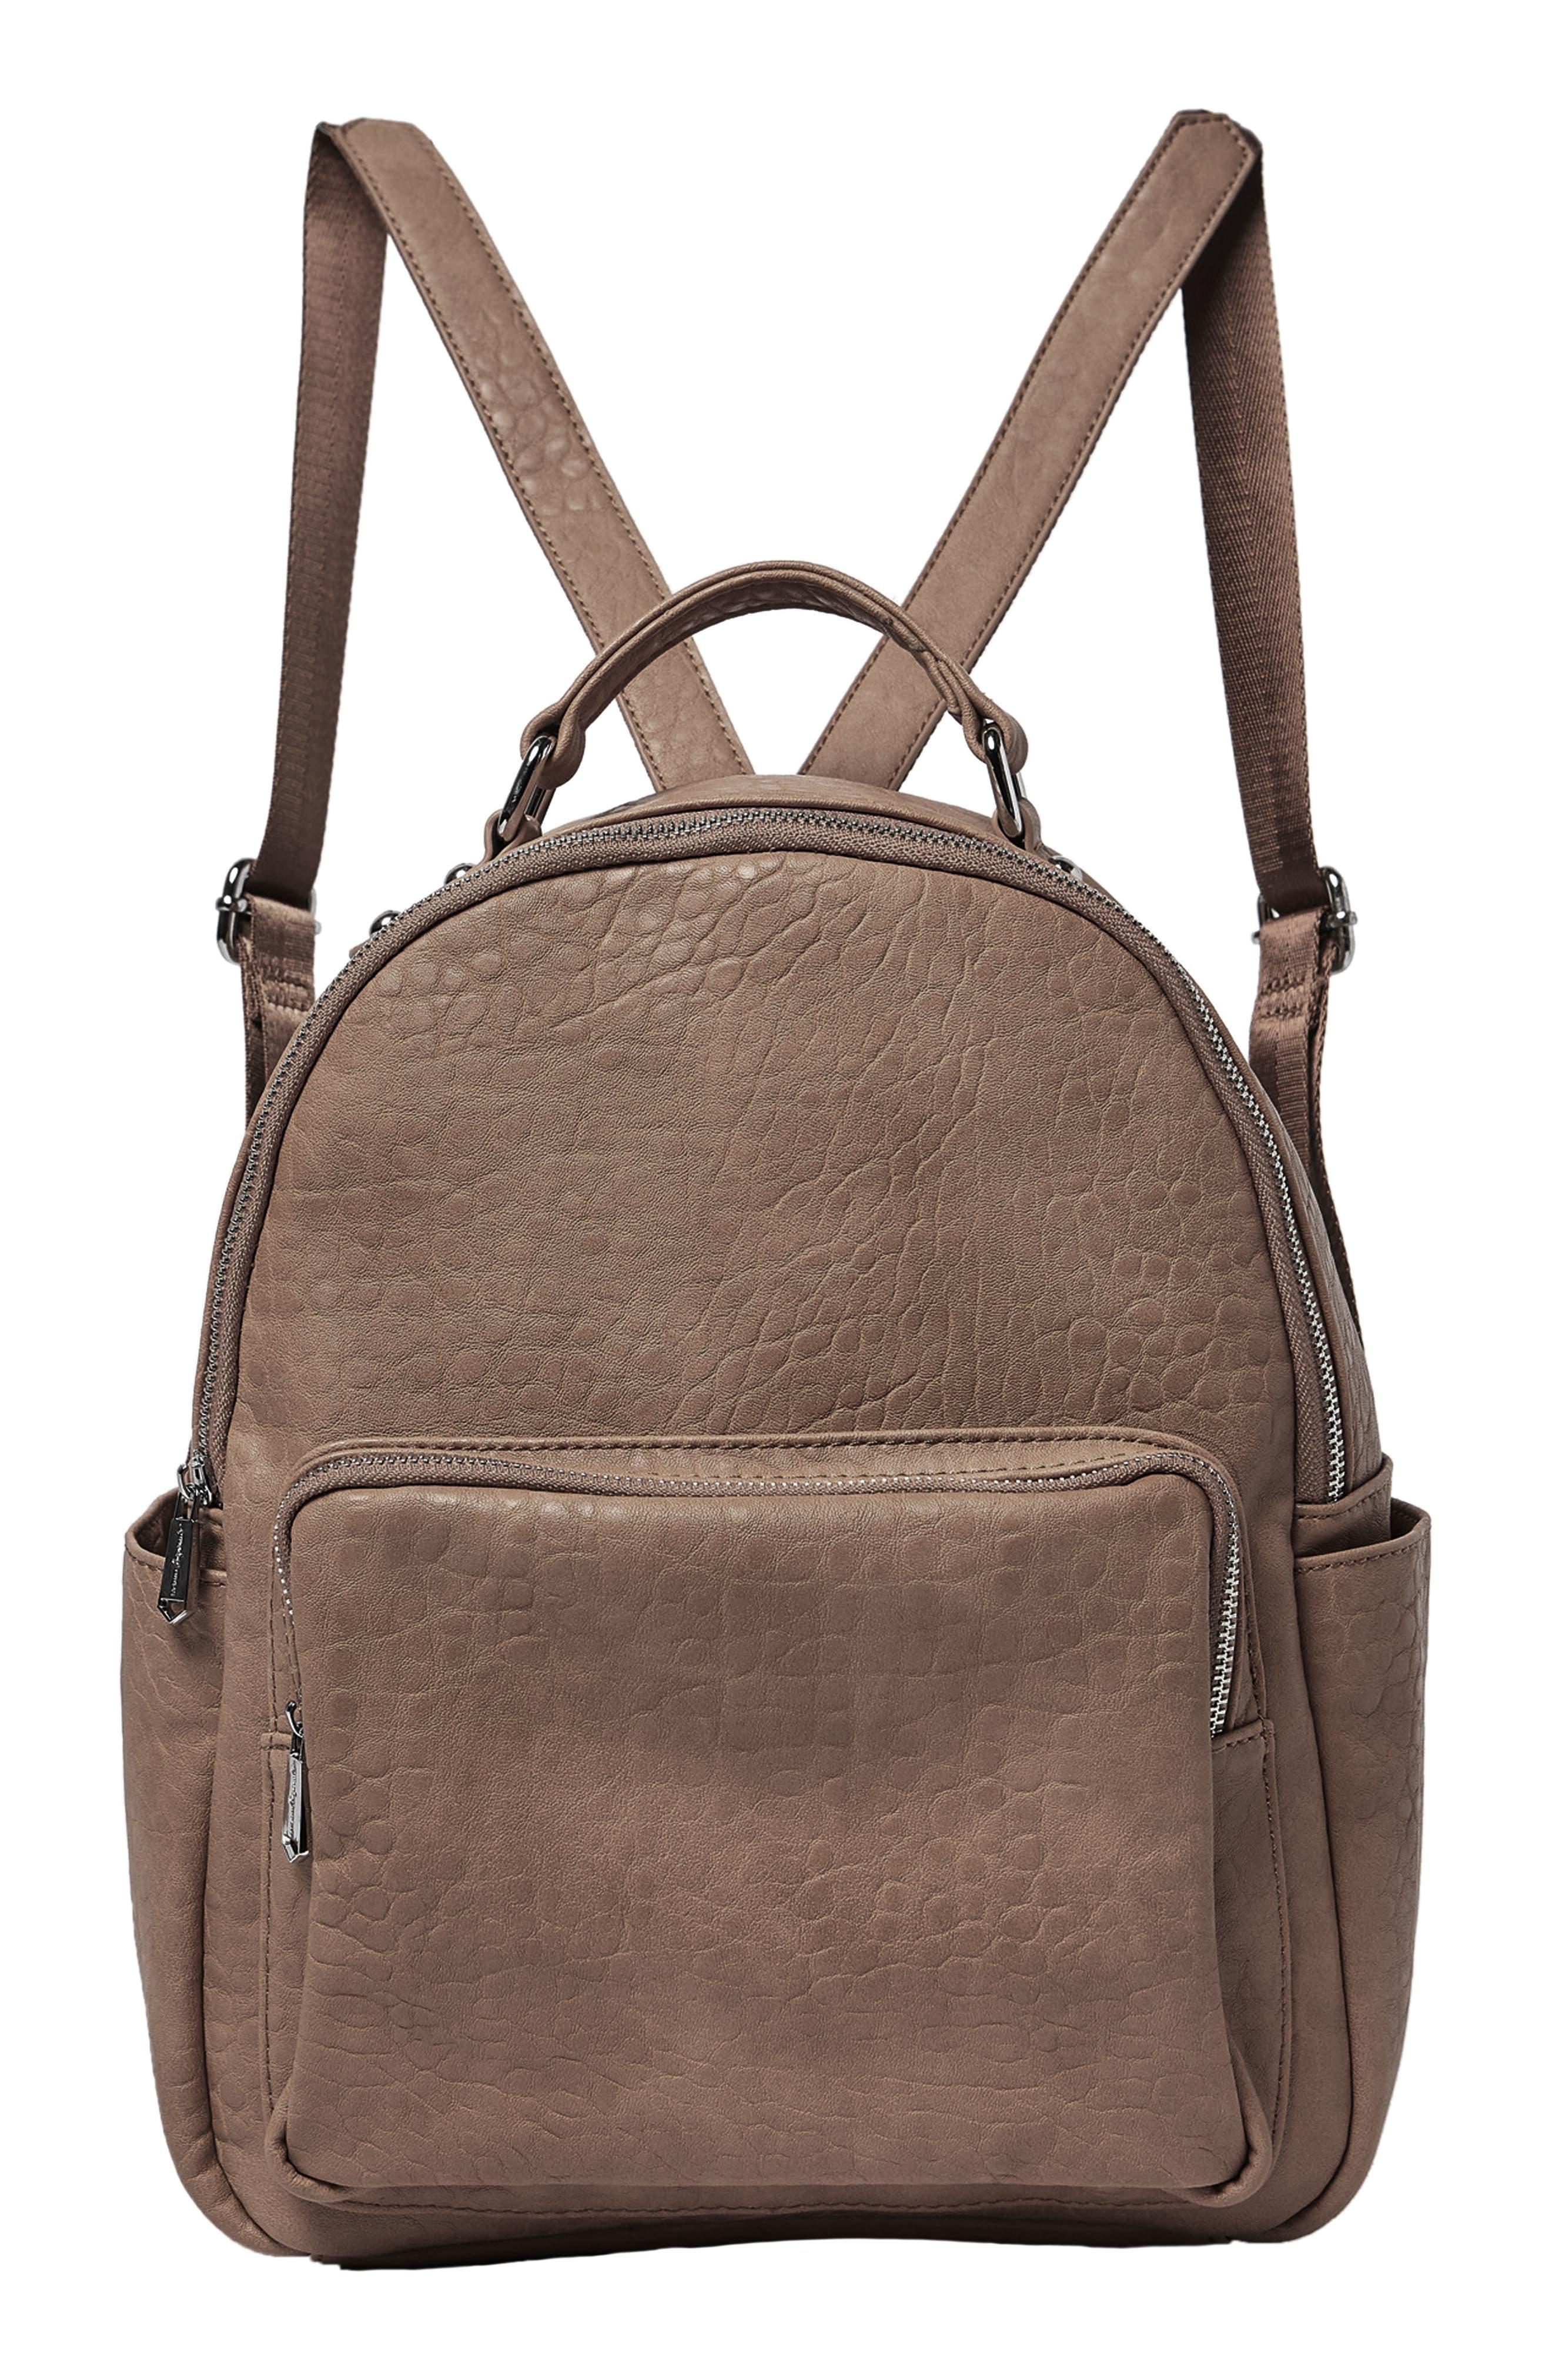 South Bag Vegan Leather Backpack,                         Main,                         color, MOCHA